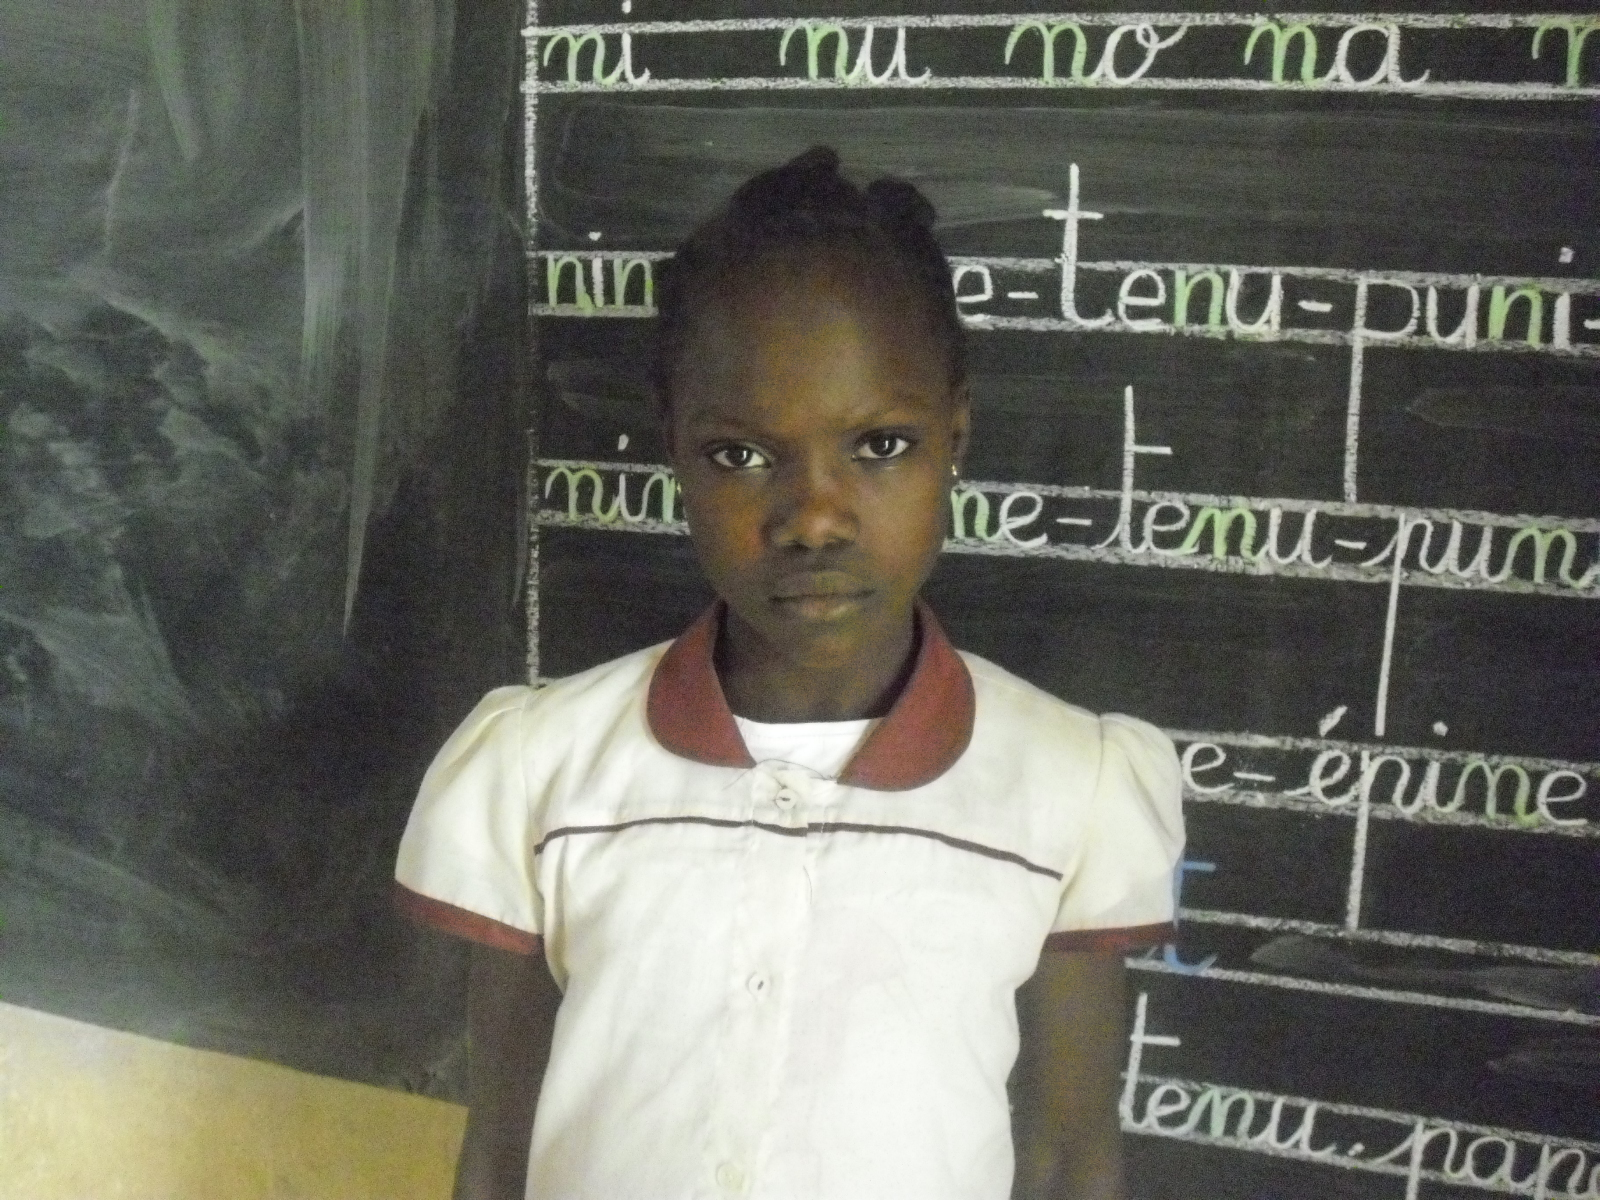 Sostegno scolastico a Bangui - R.C.A.